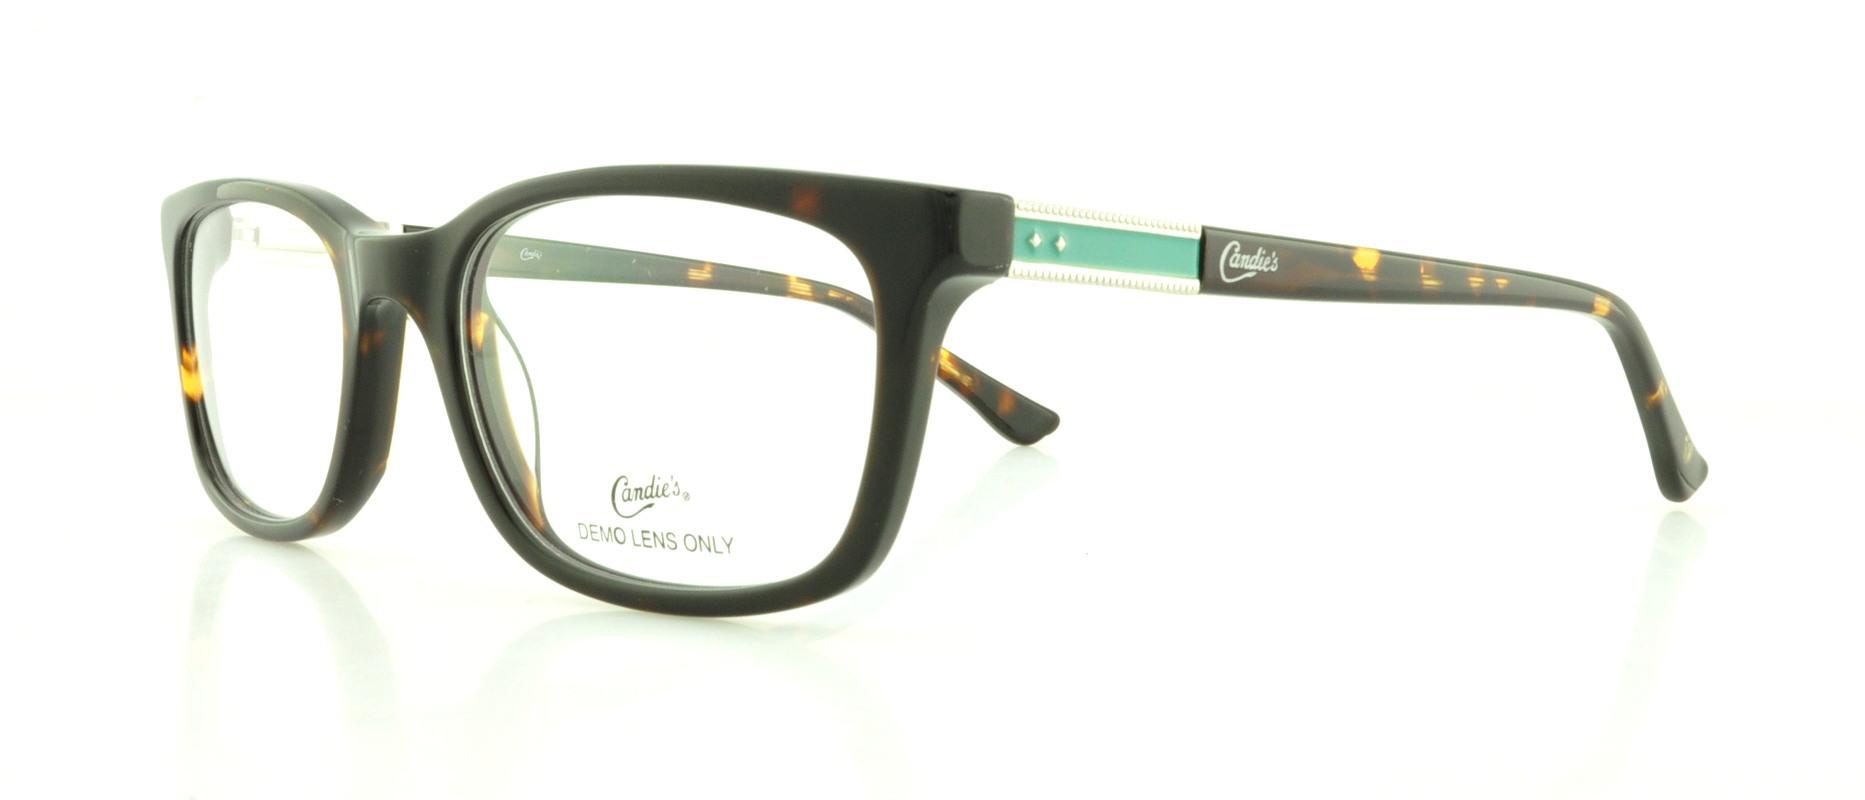 Designer Frames Outlet. Candies CA0104